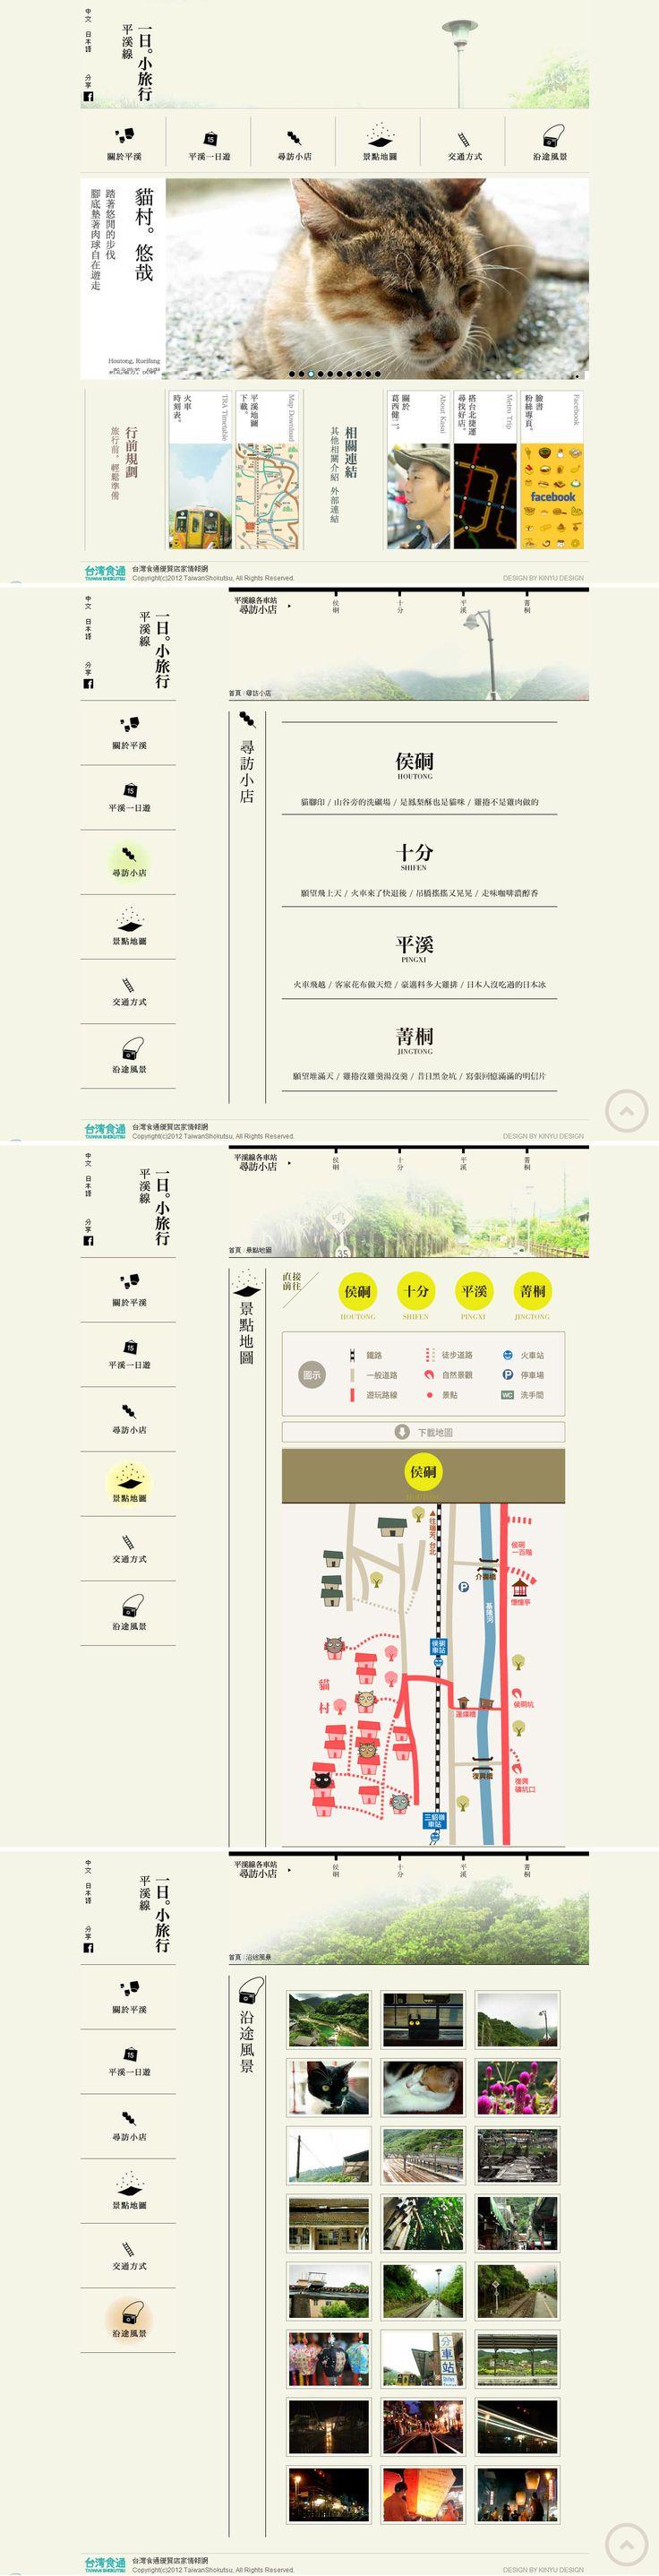 平溪線 一日。小旅行 http://www.shokutsu.com.tw/pingxi/pingxi.html